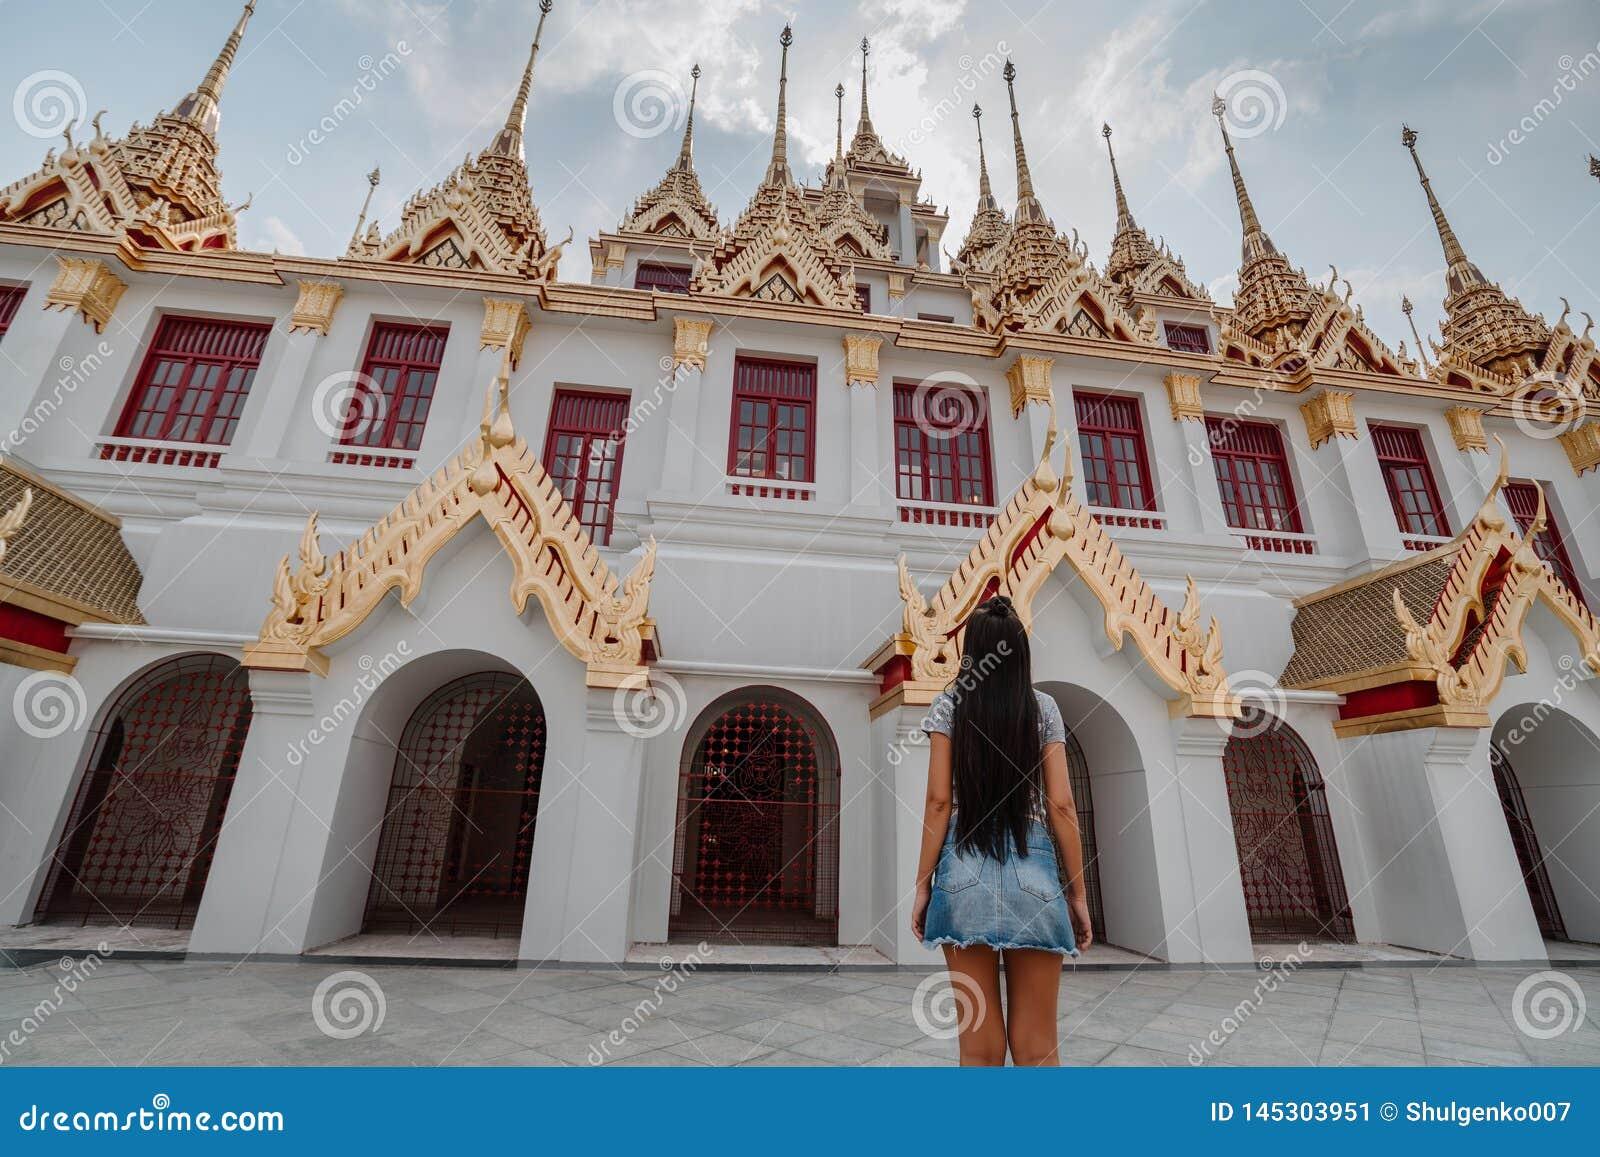 Templo asiático fabuloso, místico, budista com pagodes e estátuas Mulher impressa com a beleza do lugar